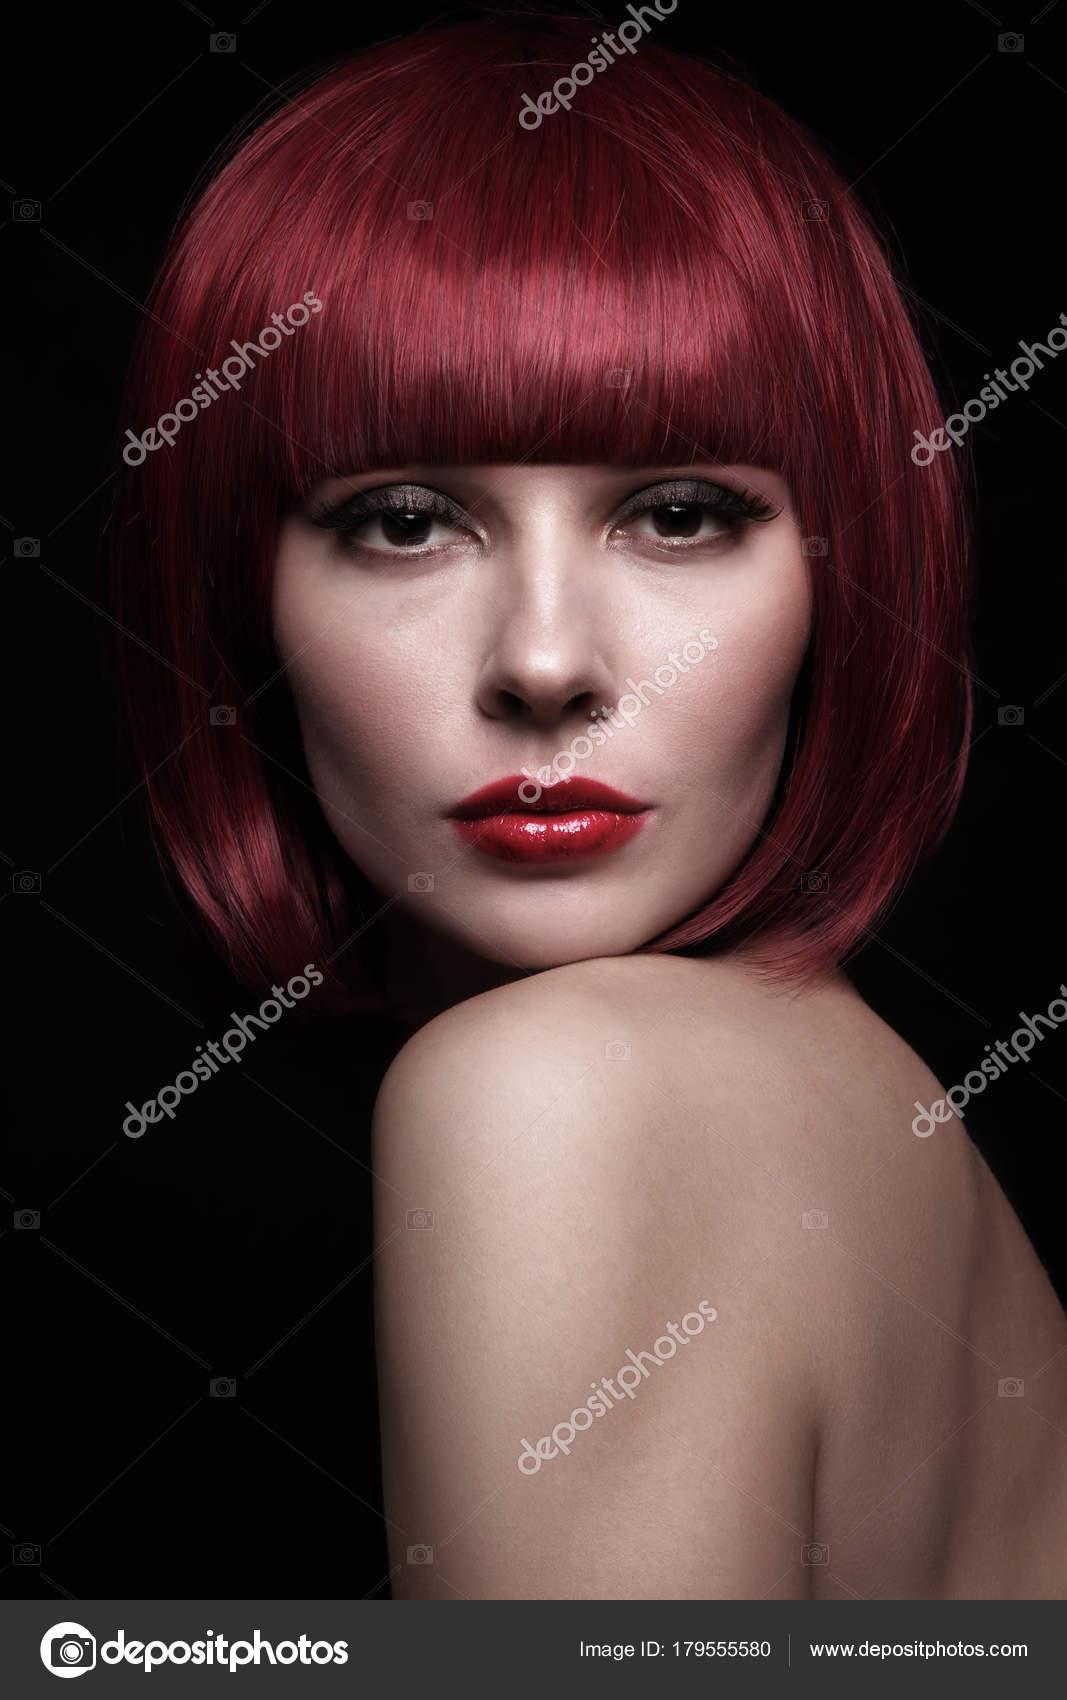 for-hair-cut-redhead-girls